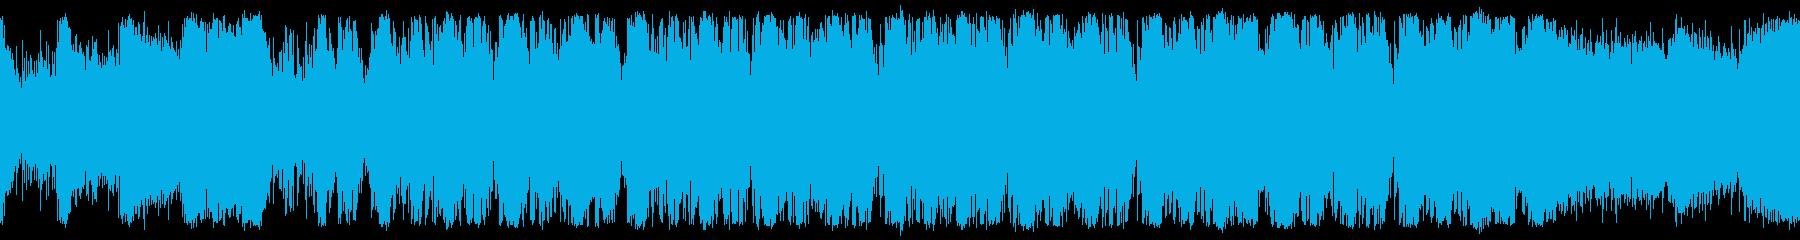 恐怖と脅威のホラーサバイバル ループ仕様の再生済みの波形